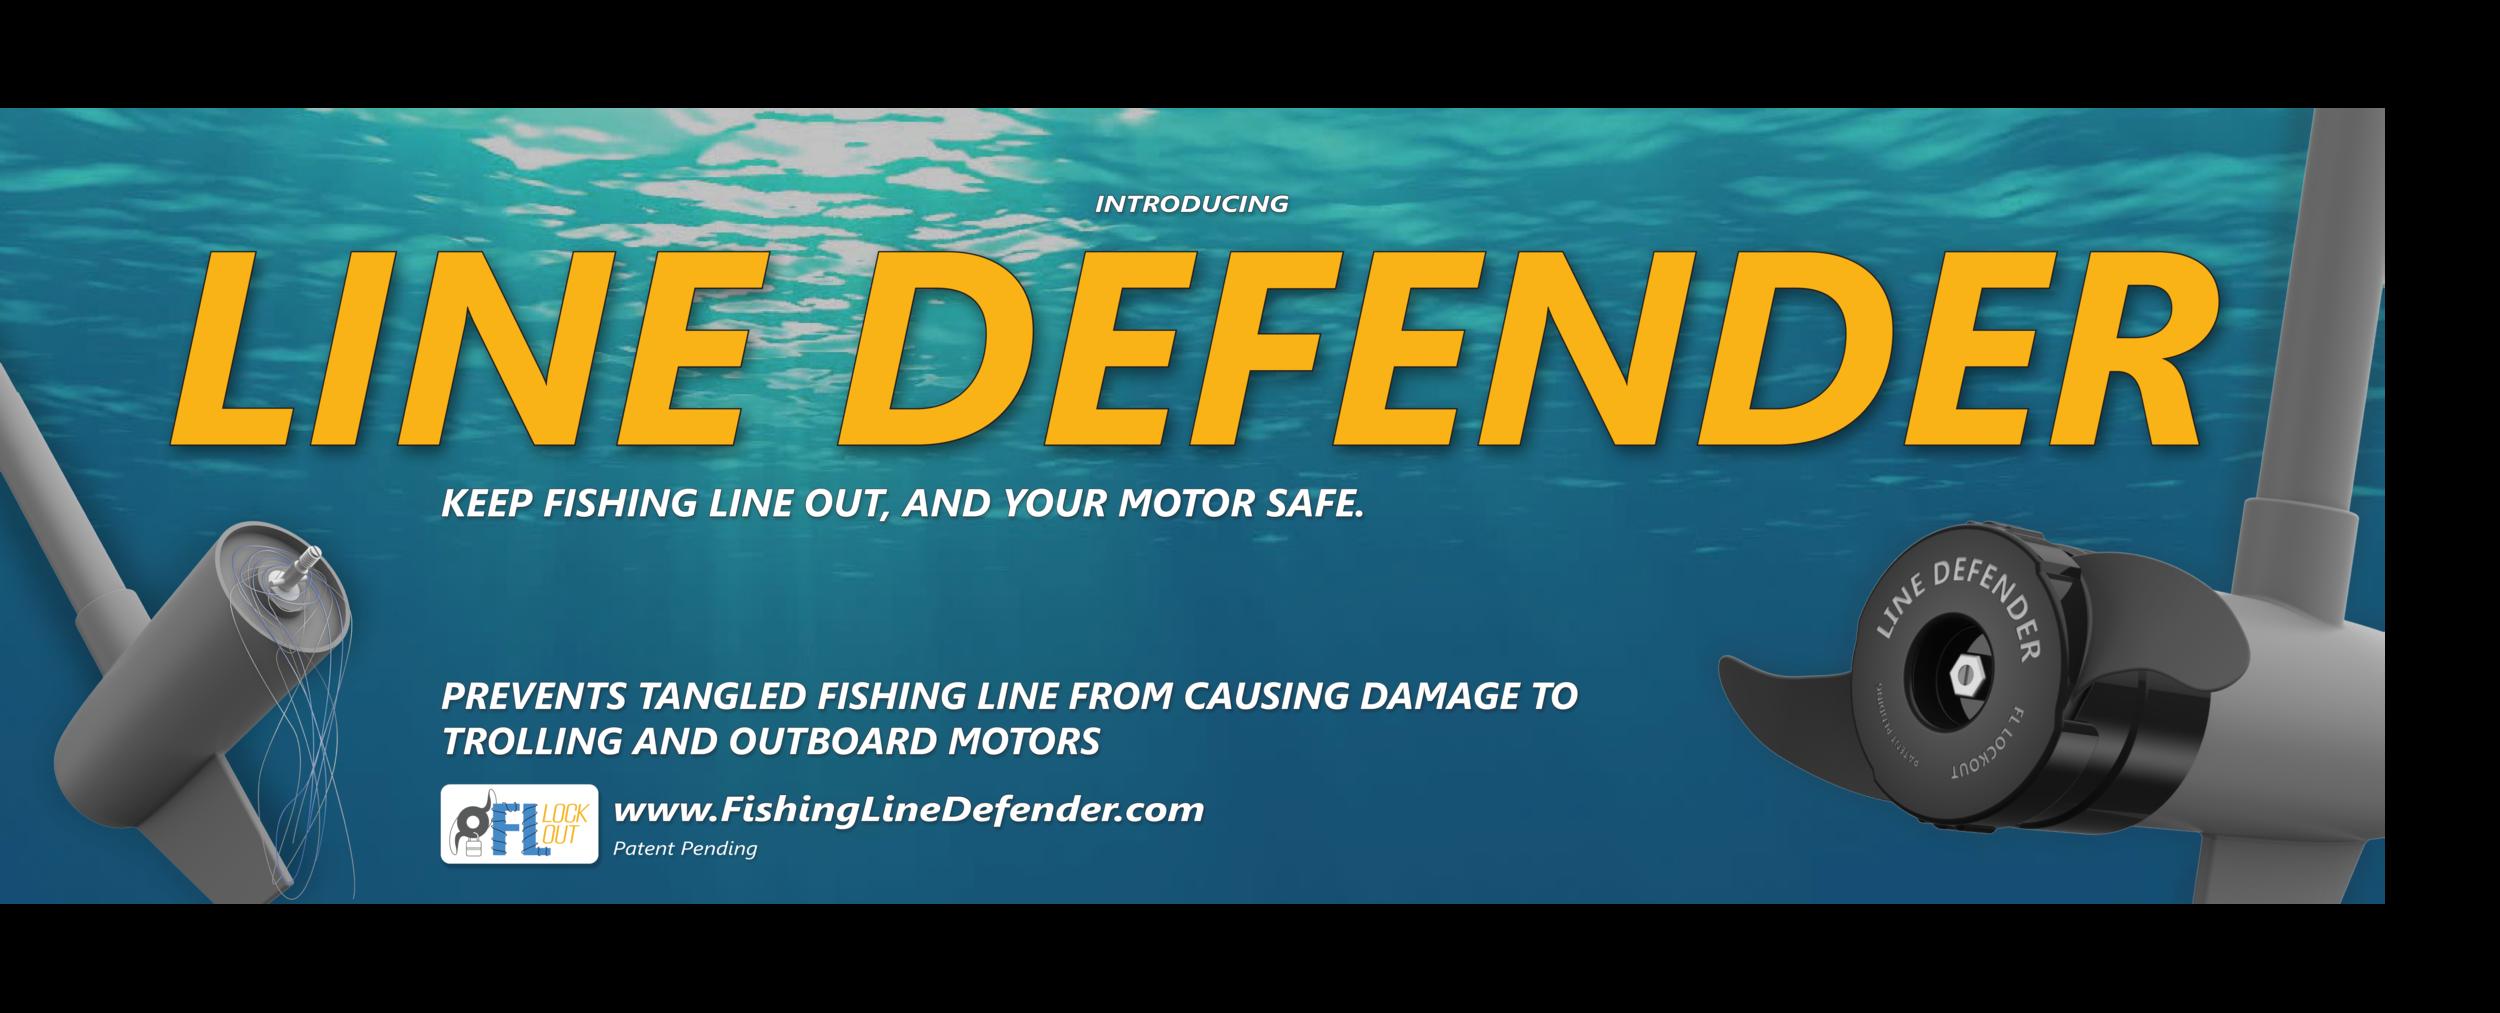 Line Defender 2.png